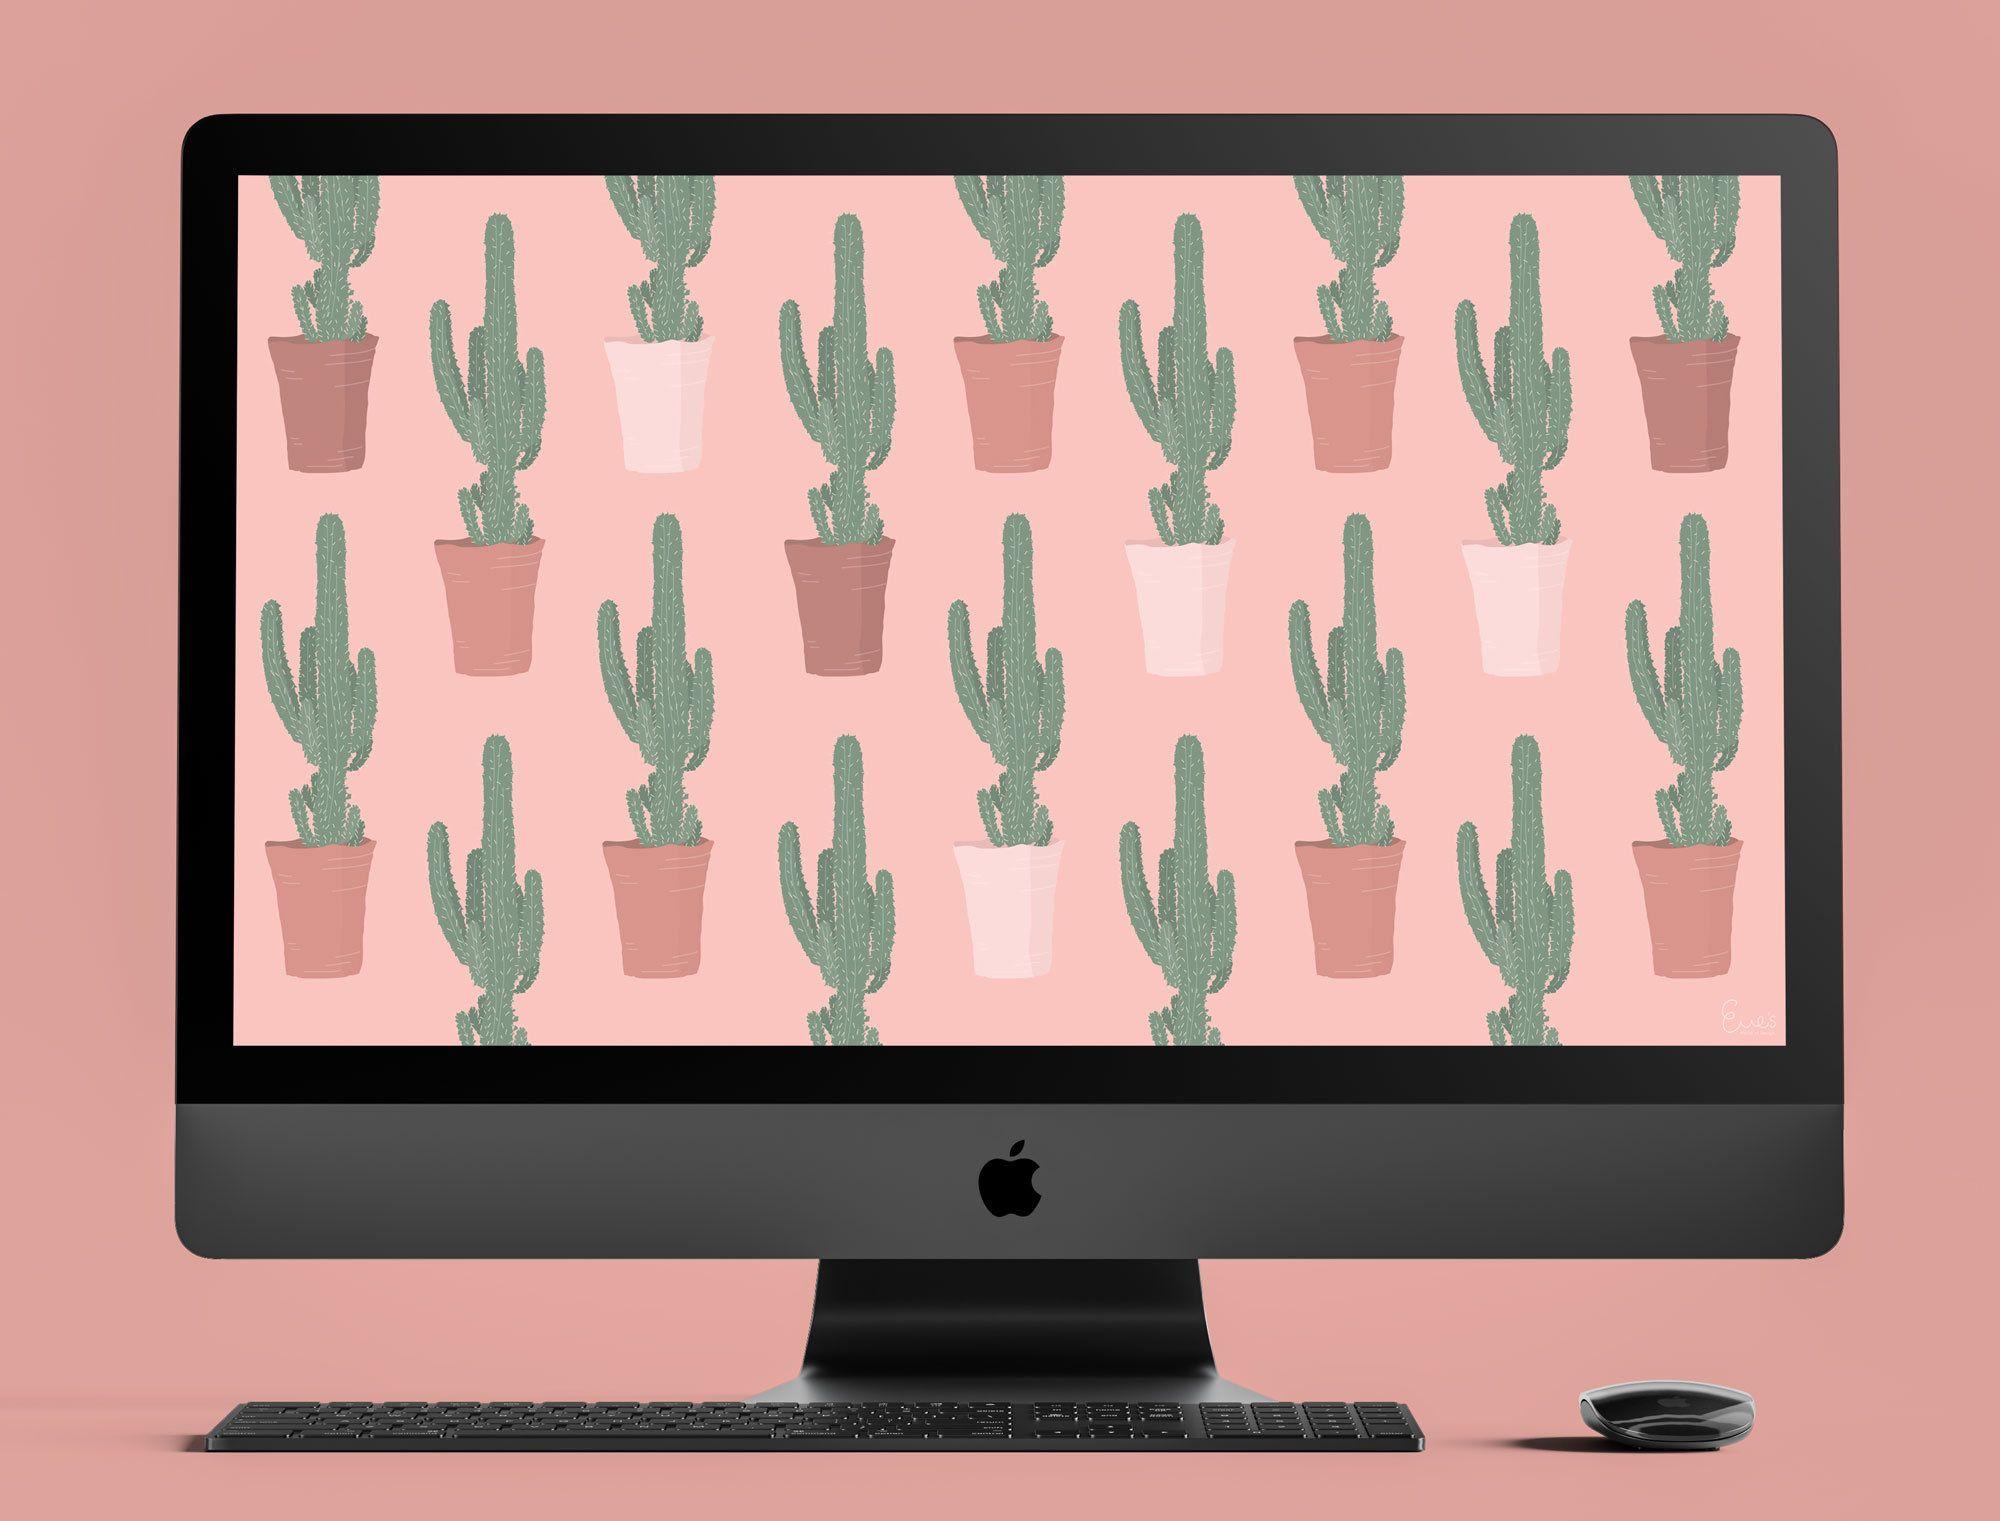 Cactus Print Pink Desktop Wallpaper Plants Desktop Background Computer Wallpaper Ipad Bot Pink Wallpaper Laptop Plant Wallpaper Pink Wallpaper Ipad